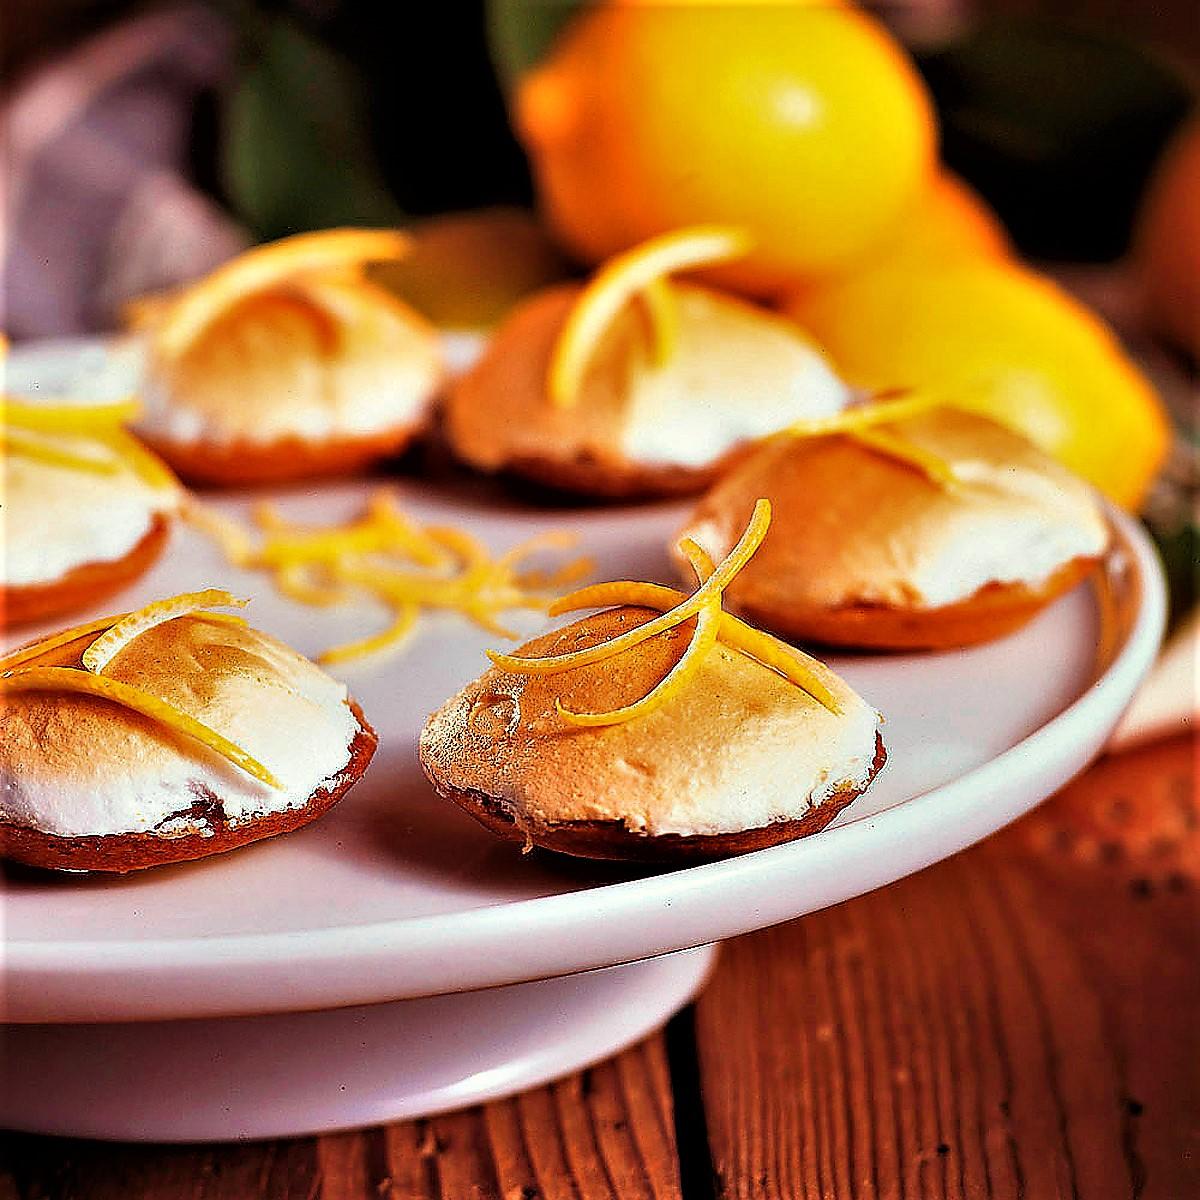 Merengue variedades y procedencias escuela de cocina telva - Escuela cocina telva ...